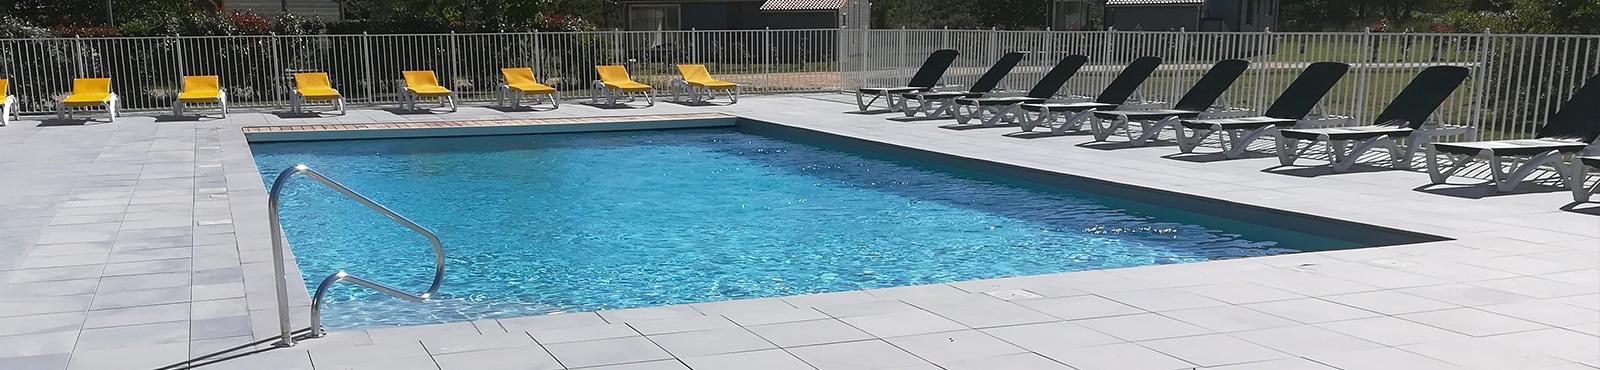 Parc nature et océan hourtin piscine